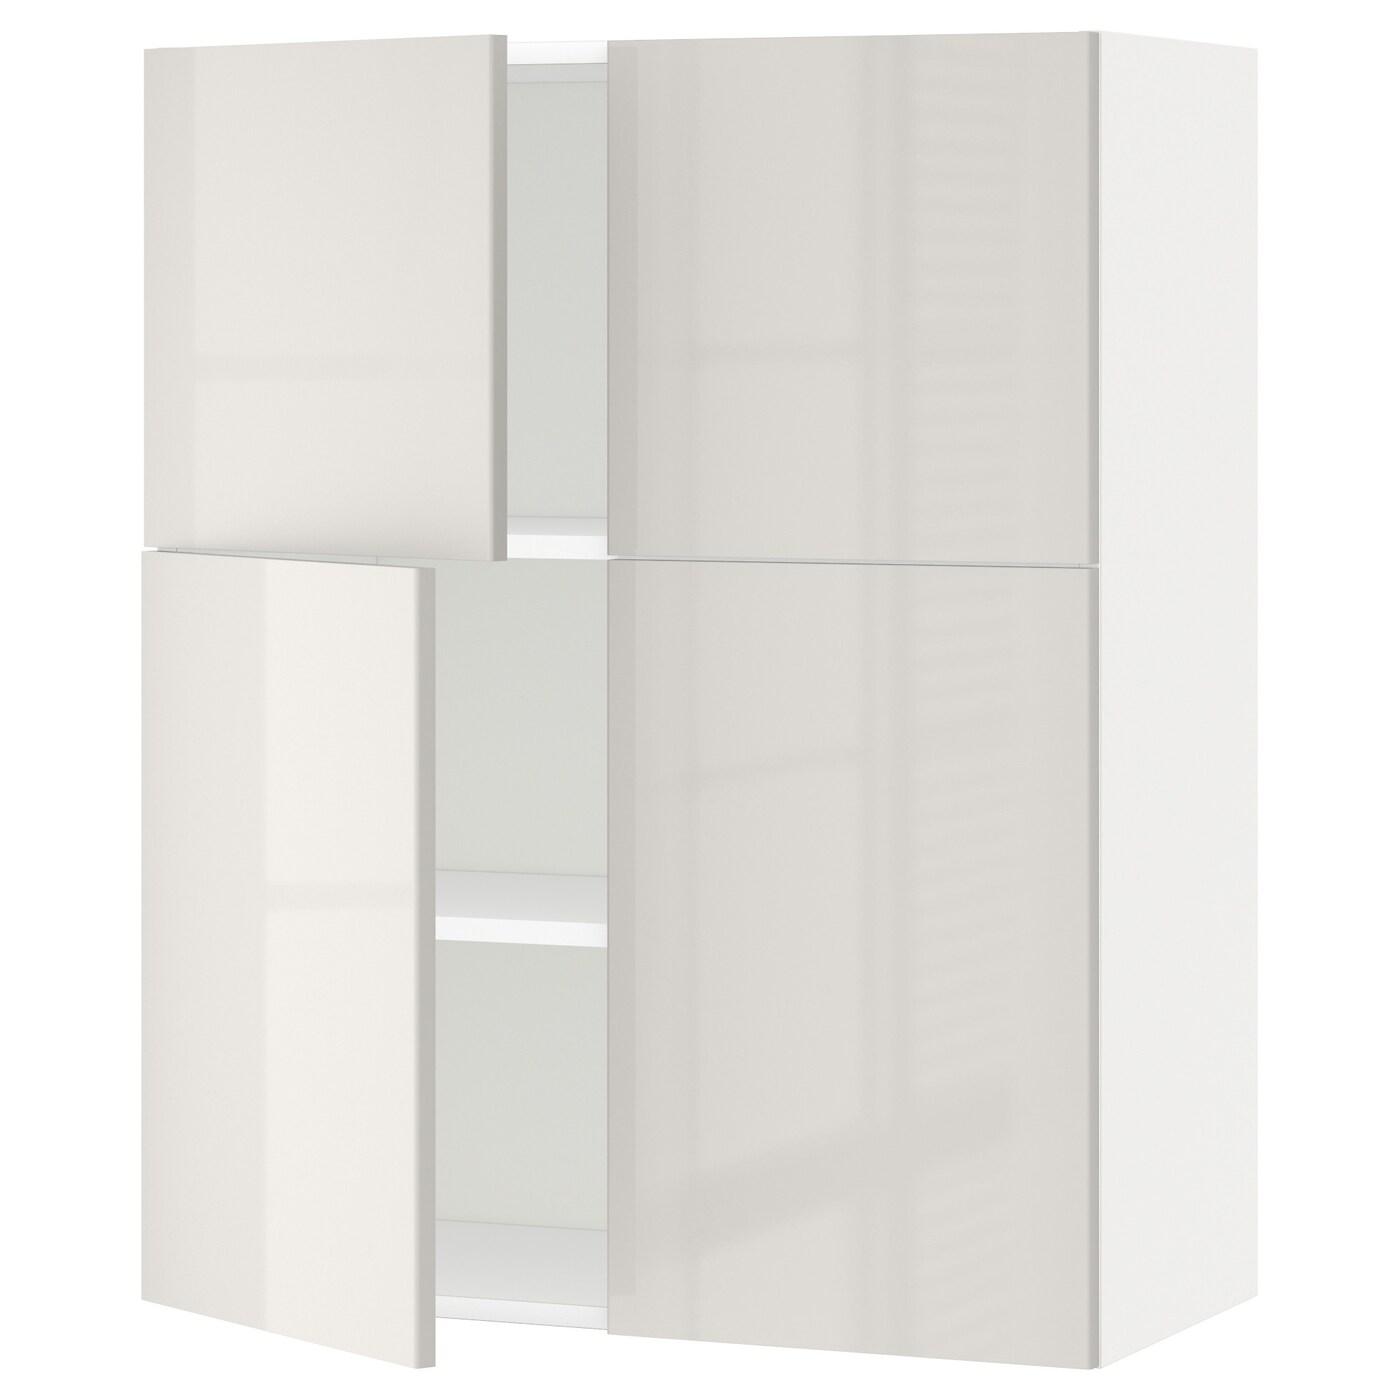 METOD, Wandschrank mit Böden/4 Türen, weiß 191.422.26